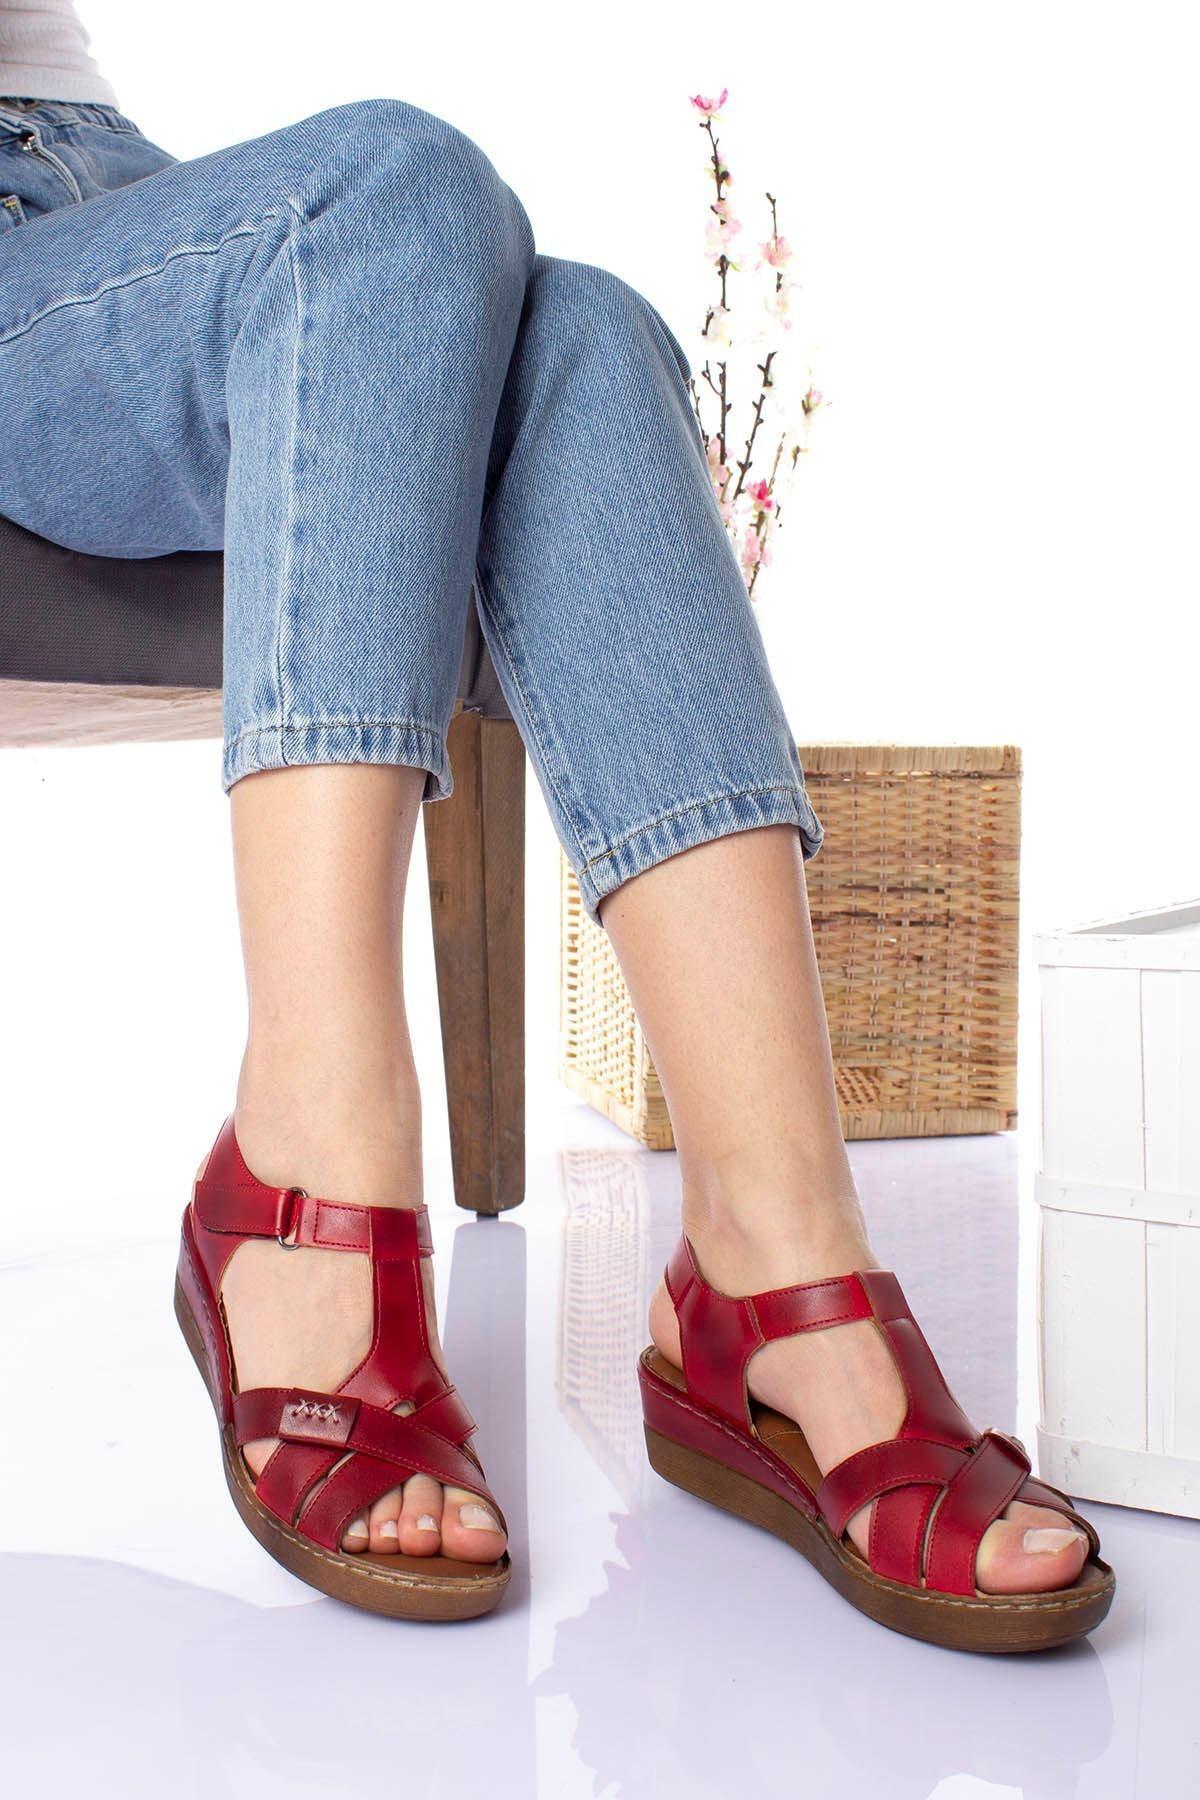 epaavm Kadın Kırmızı Ortopedik Pedli Sandalet